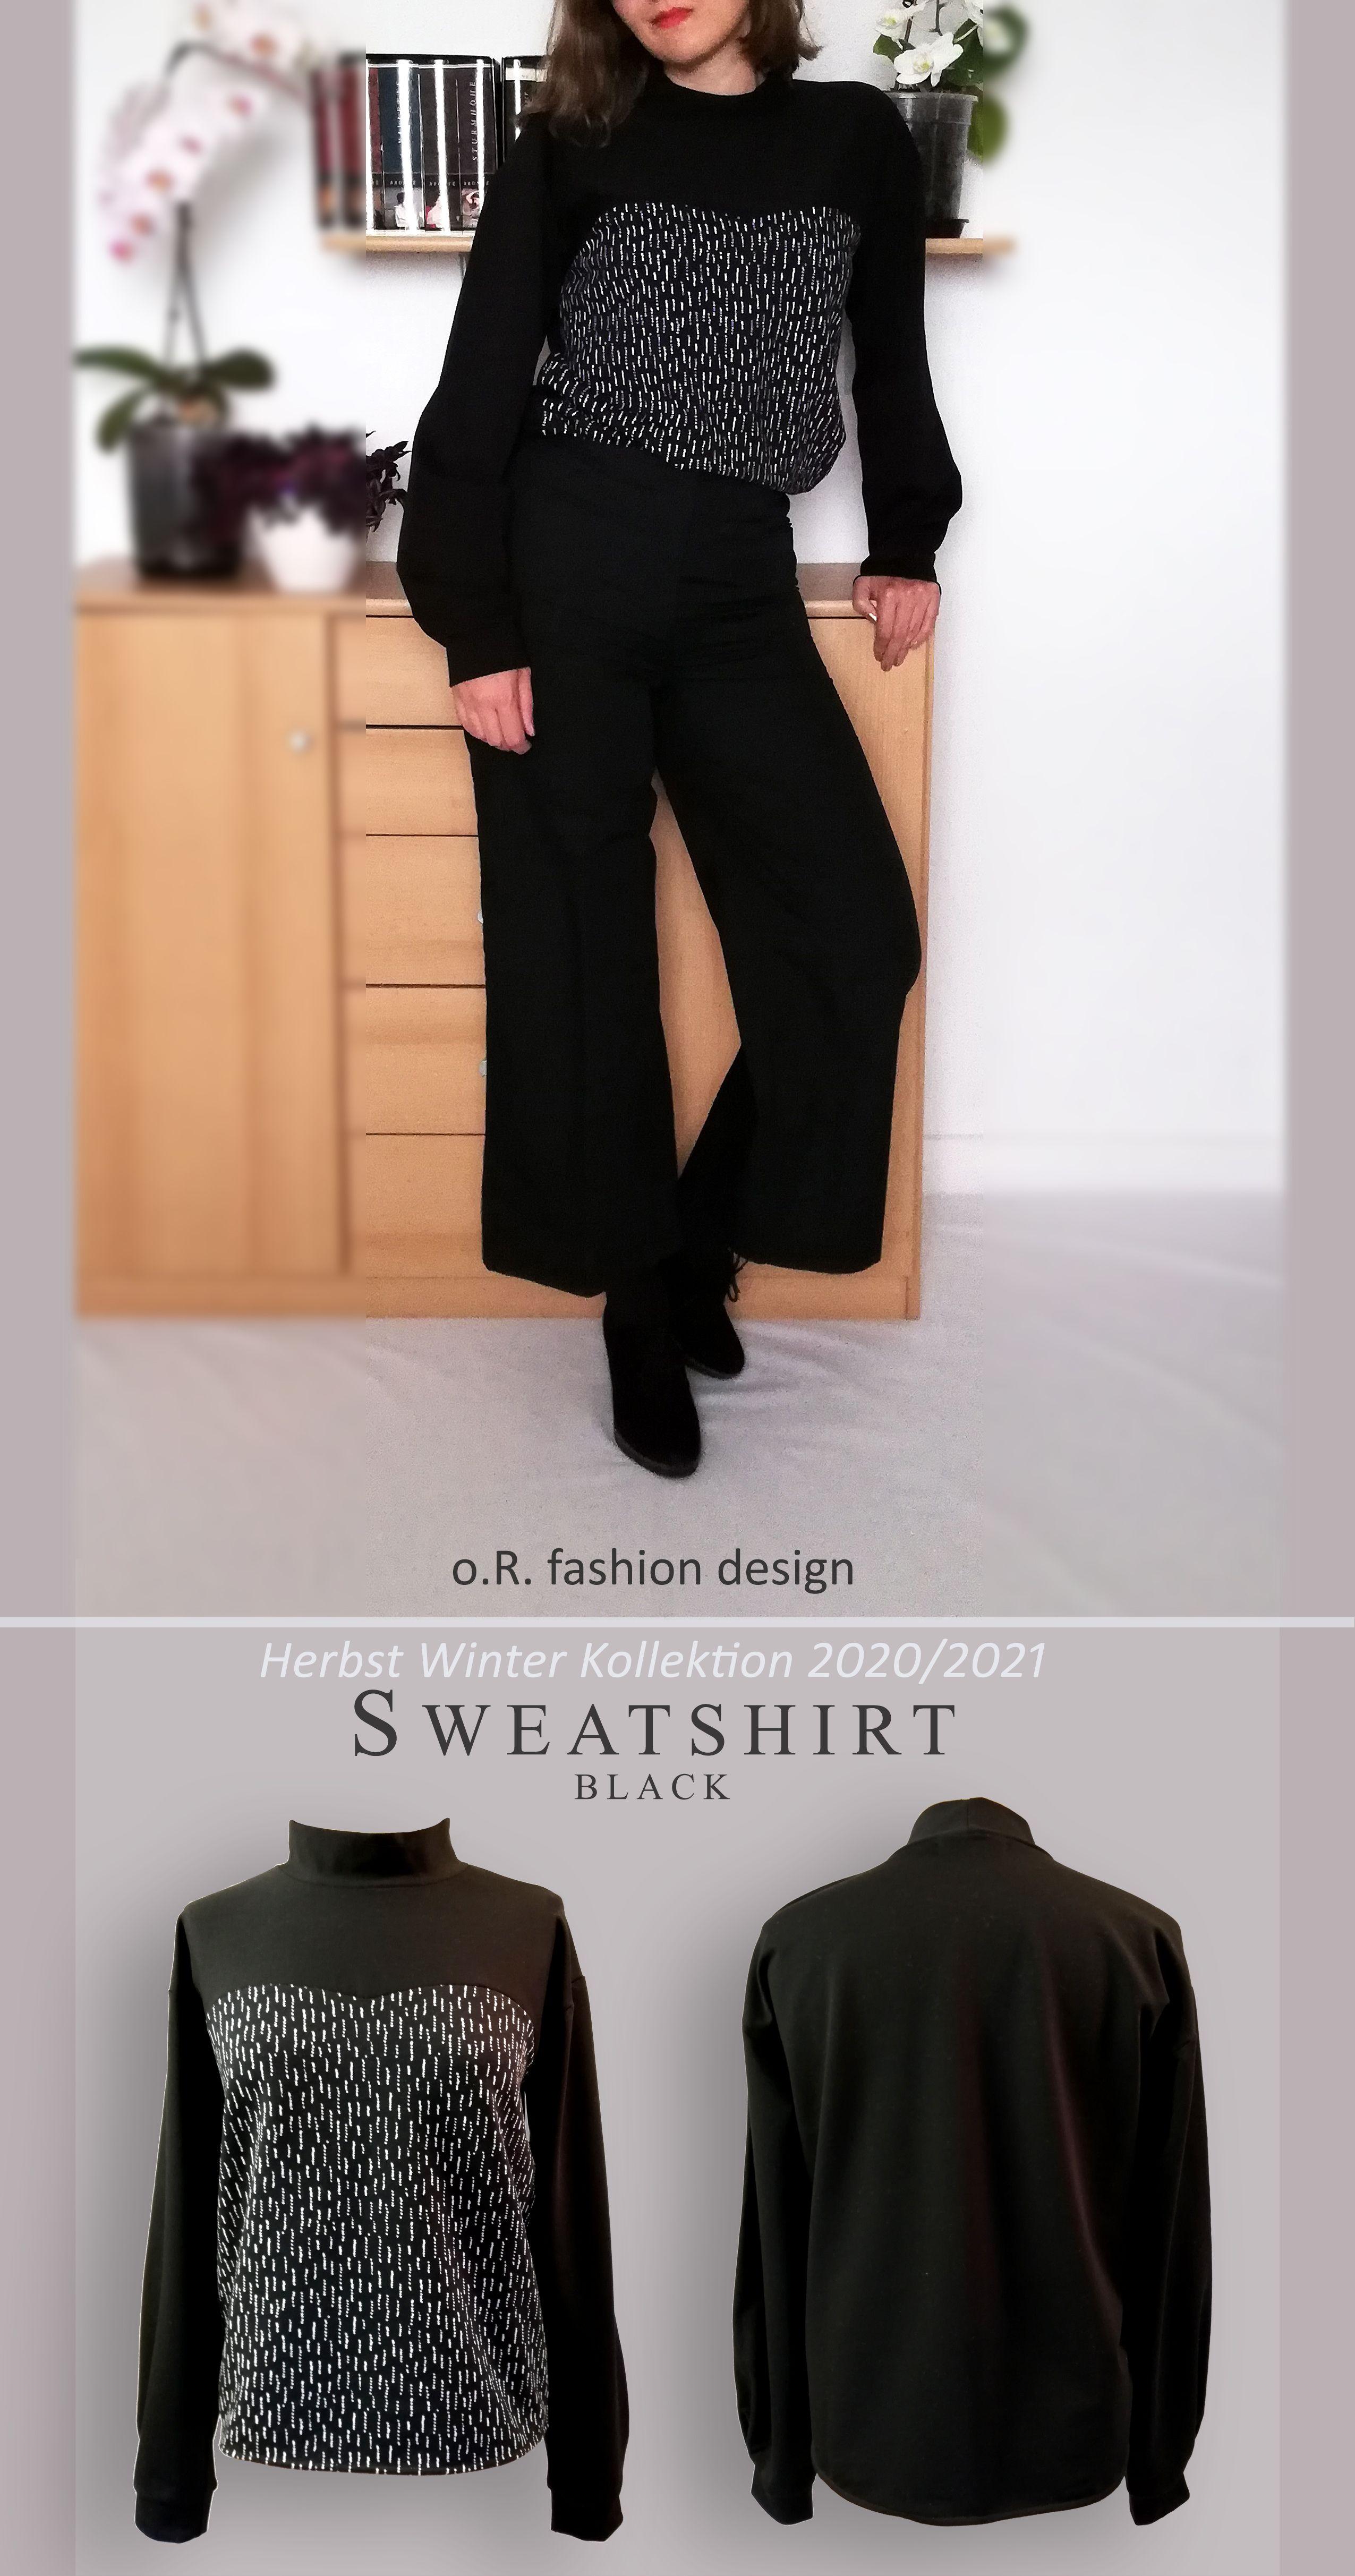 schwarz weißes sweatshirt, pulloverorfashiondesign in